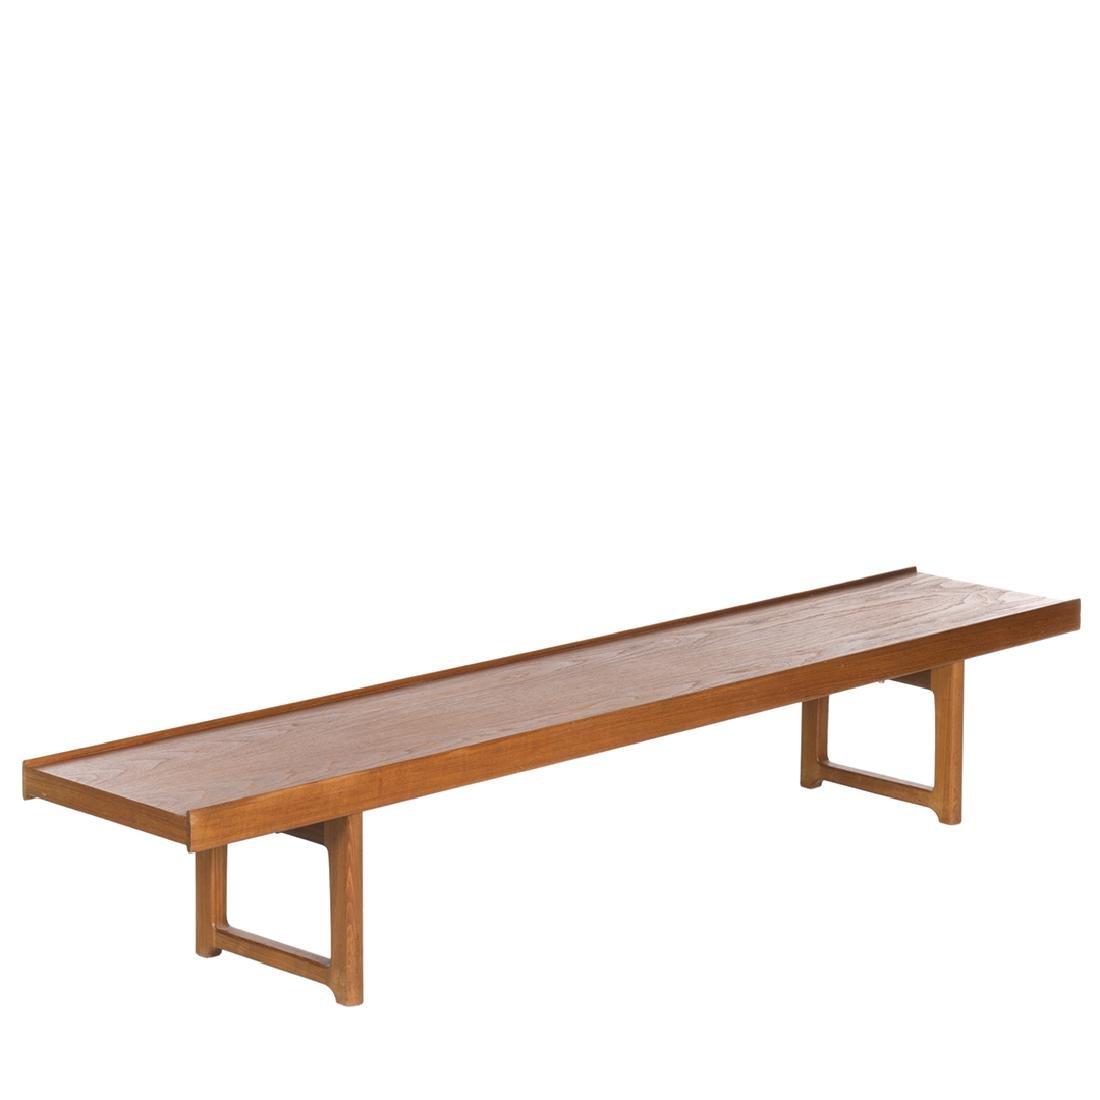 Torbjorn Afdal Teak Bench